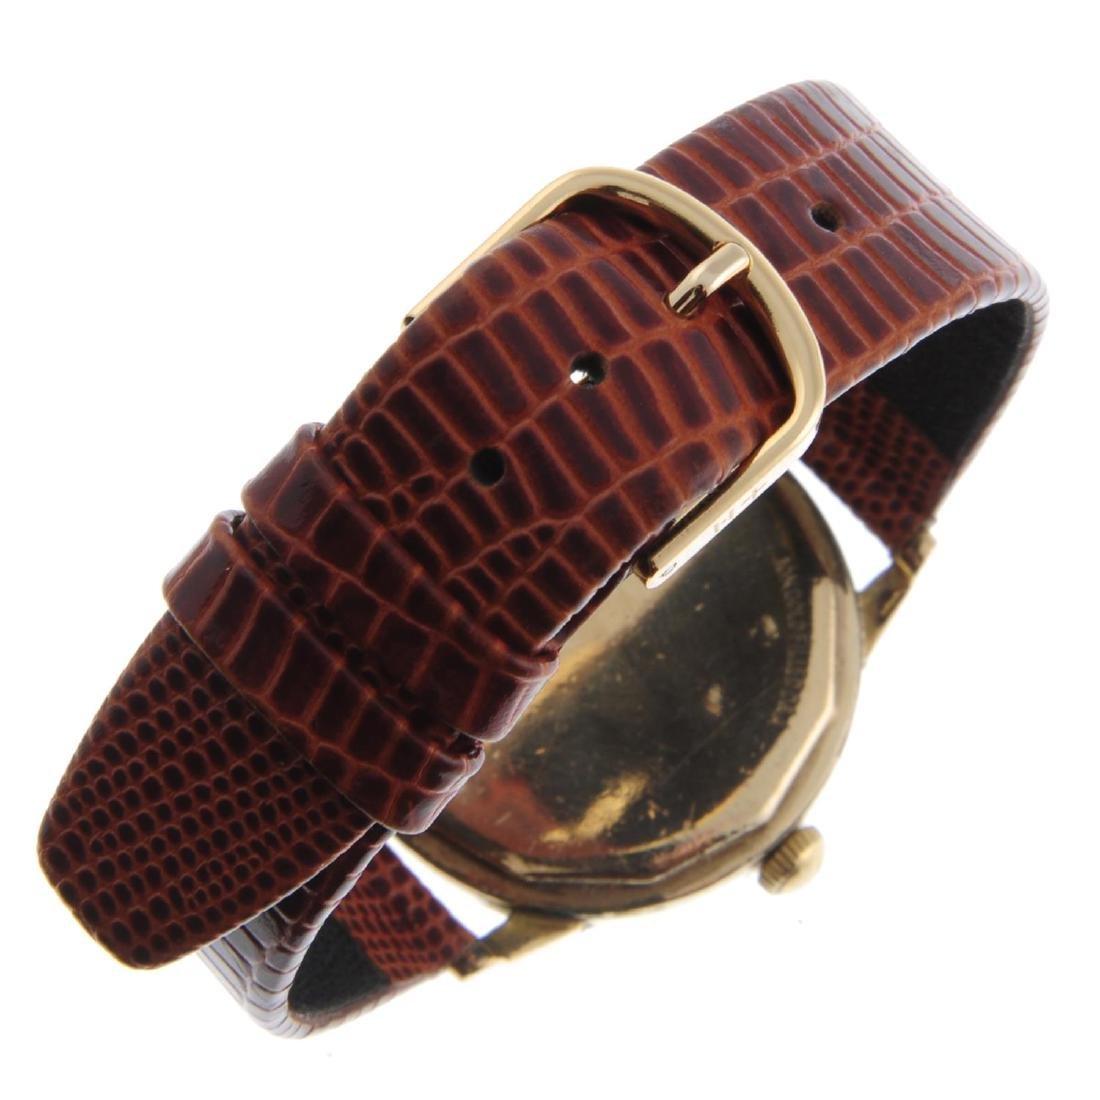 LECOULTRE - a gentleman's wrist watch. Gold filled - 2